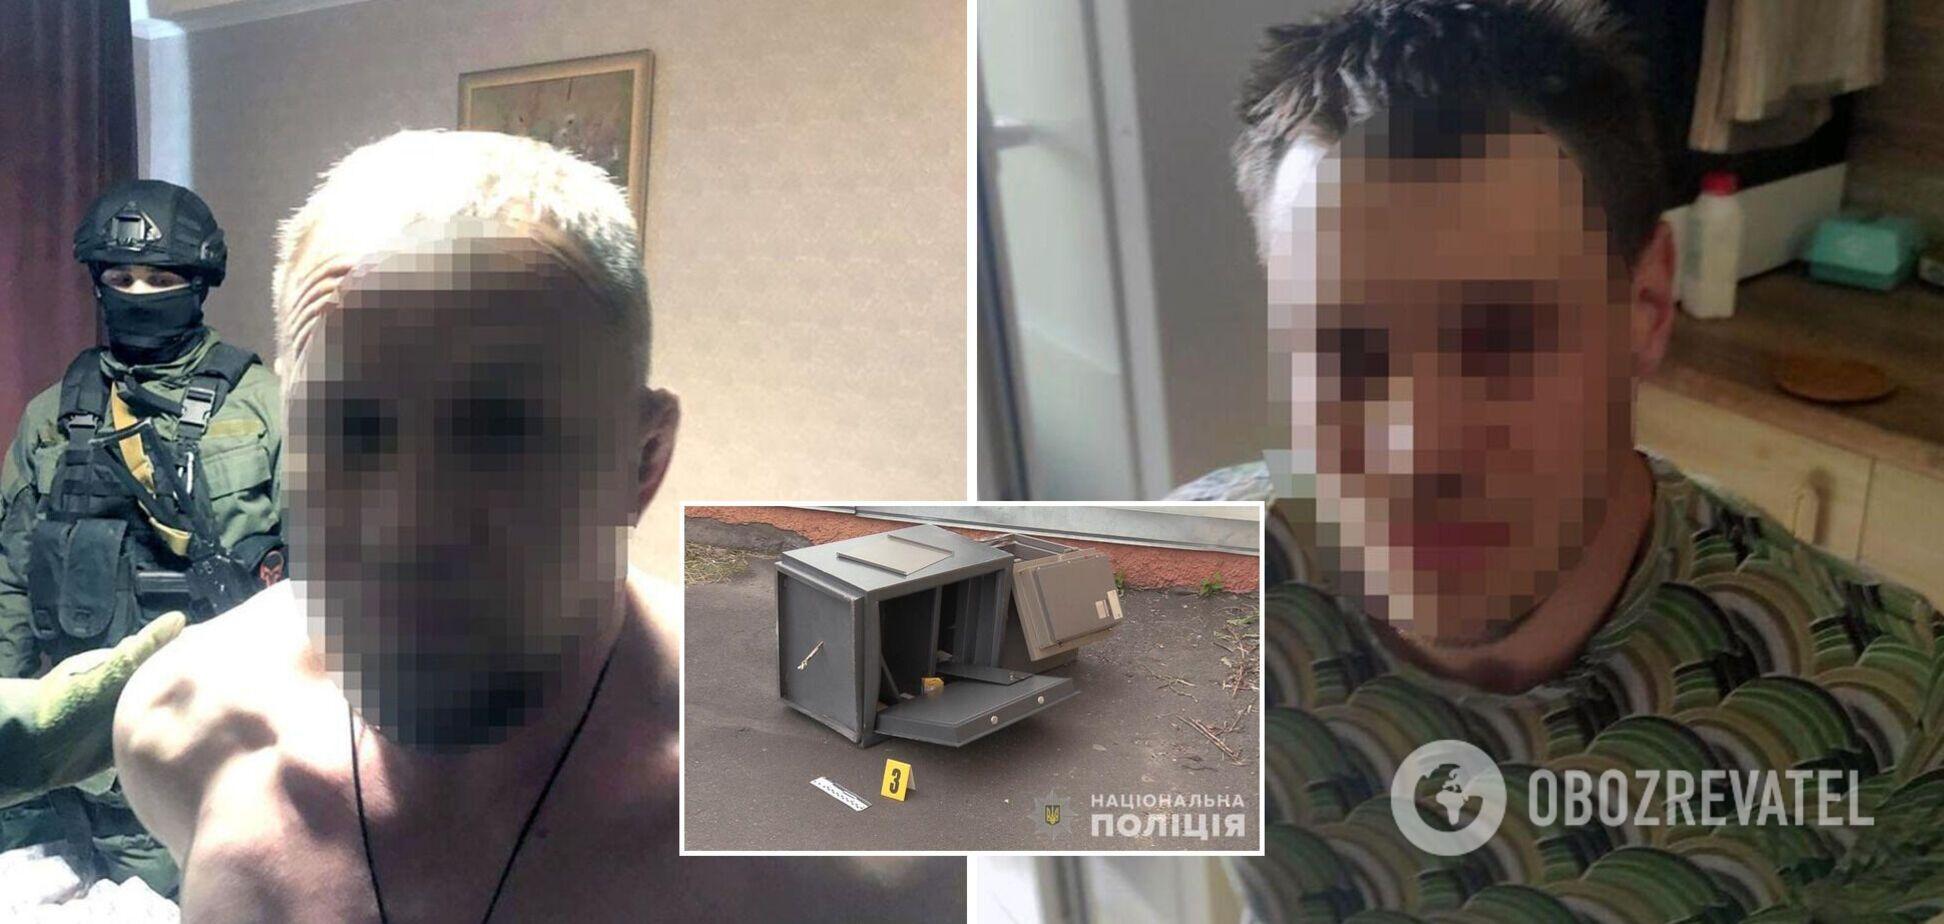 У Києві зловмисники увірвалися в офіс, зв'язали співробітника й викрали два сейфи. Фото, відео